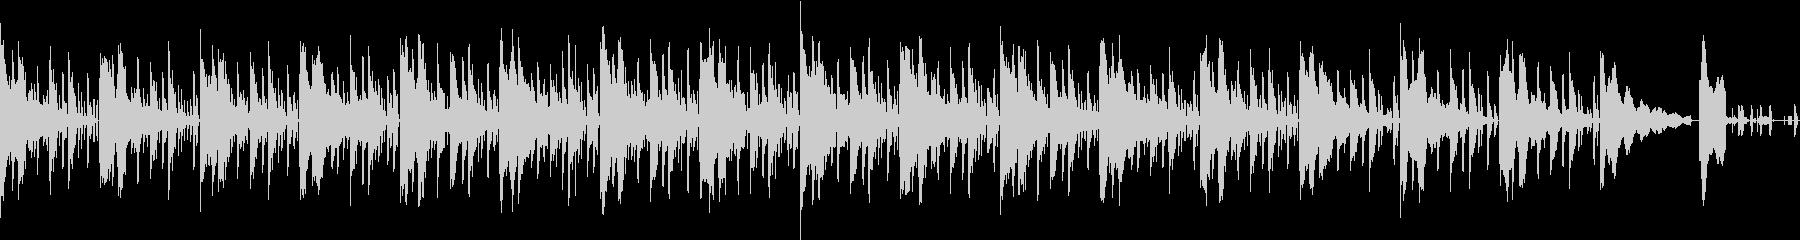 耳に残るエレクトリックサウンドの未再生の波形